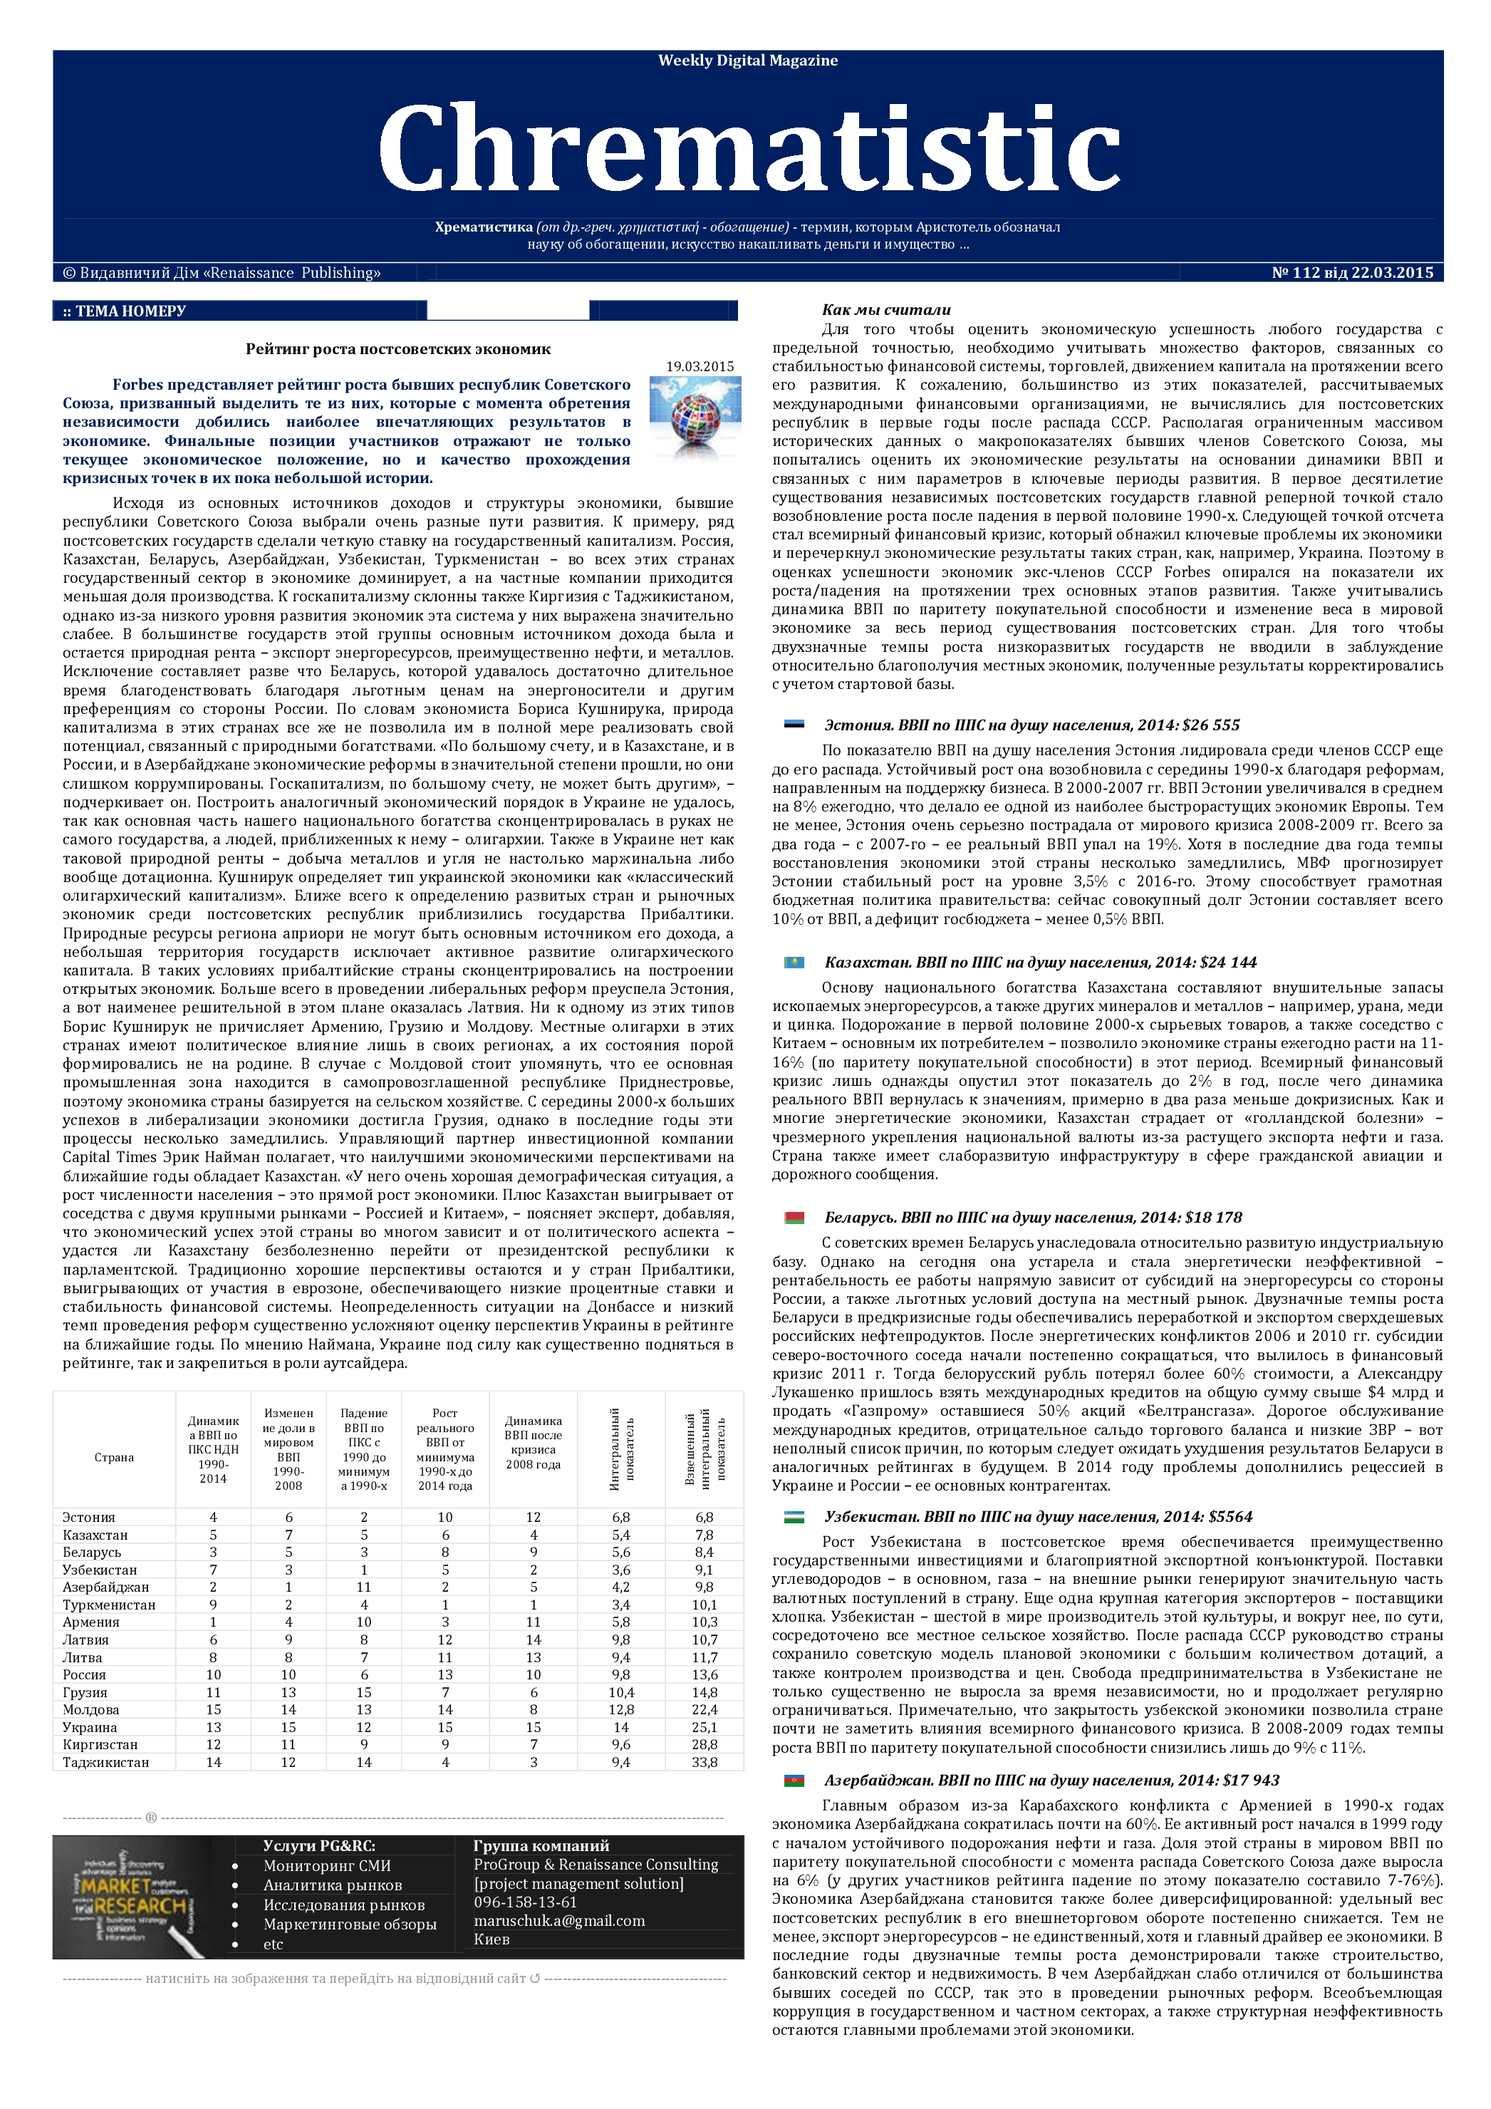 Calaméo - №112 Wdm «Chrematistic» от 22 03 2015 1d2b4ce8443